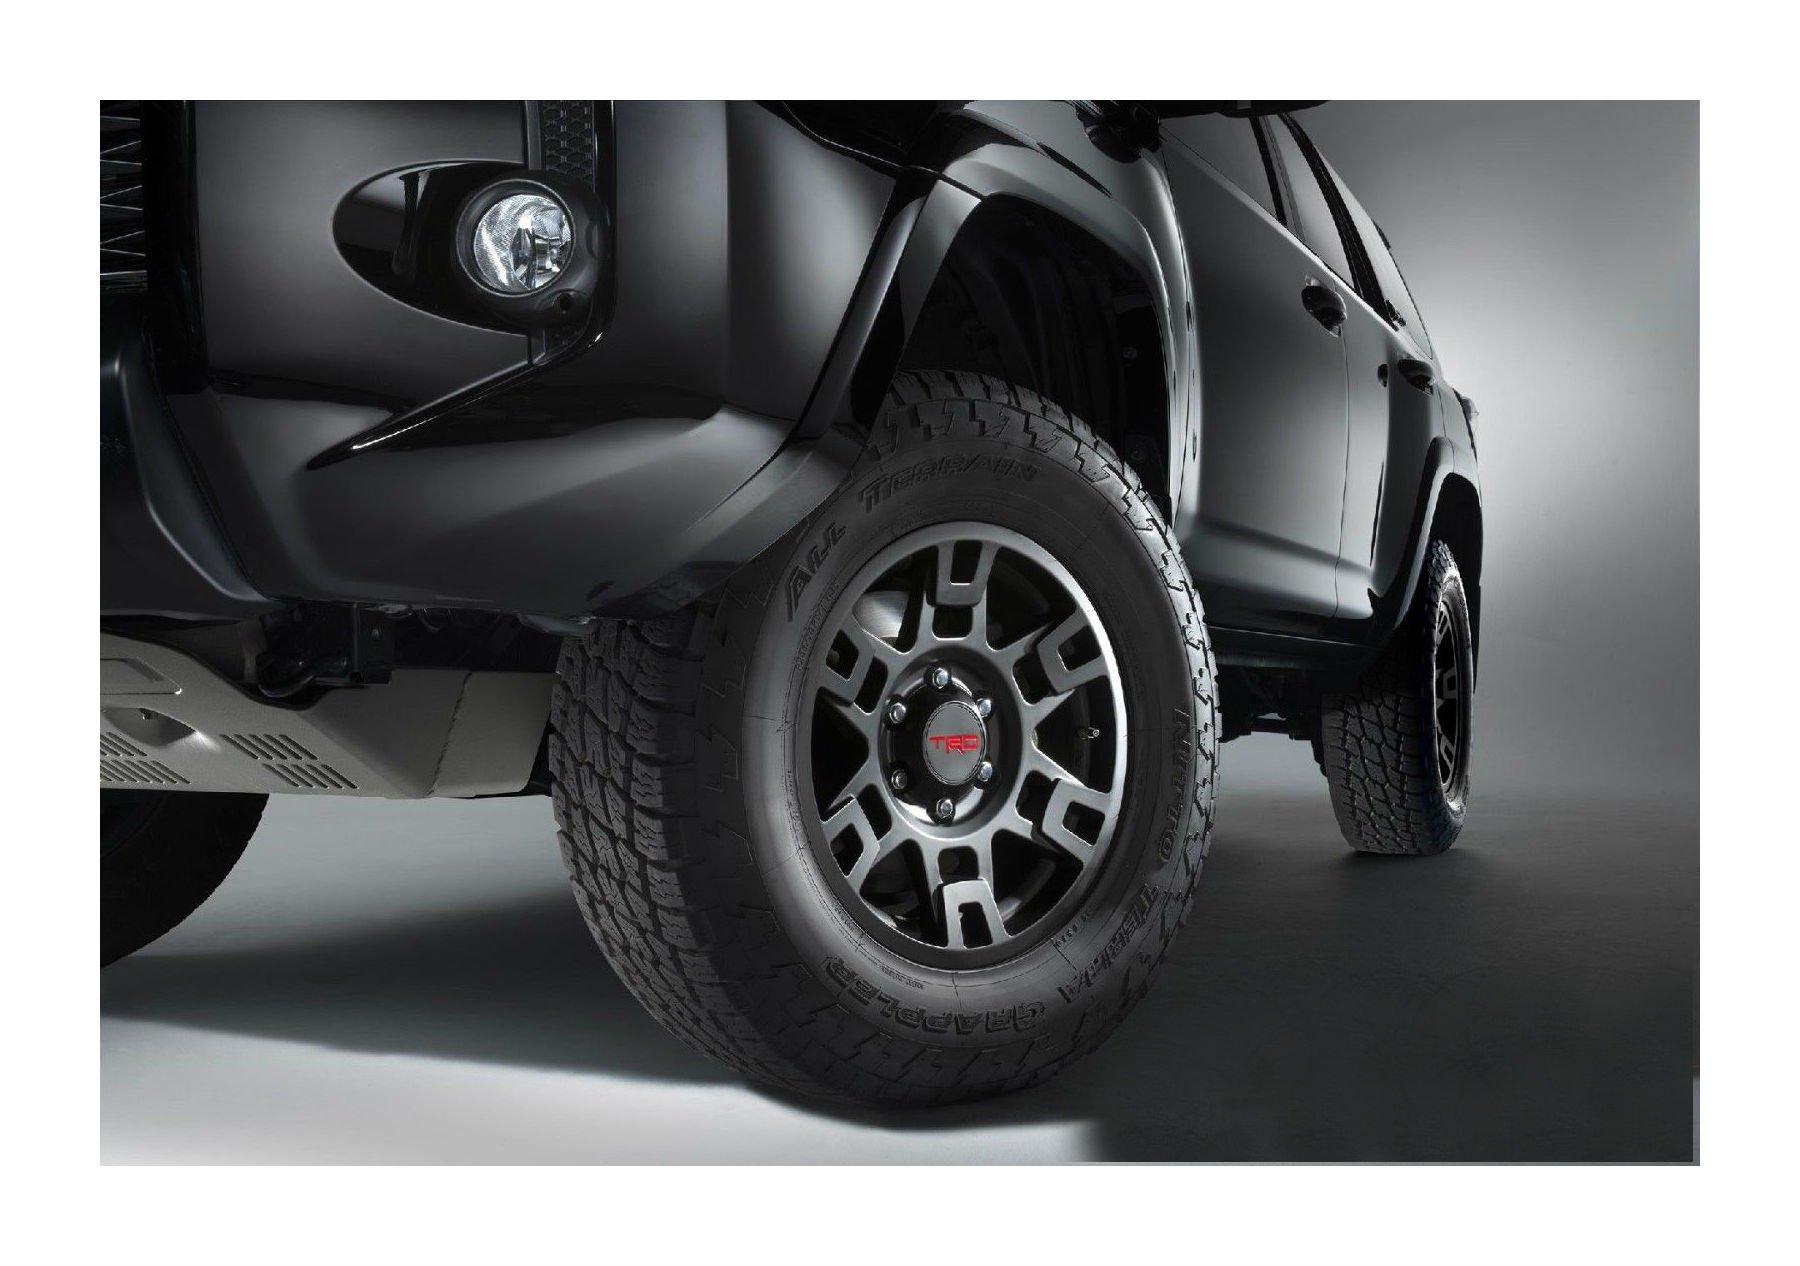 TOYOTA GENUINE PTR20-35110-BK Black Wheel 4RUNNER SE17 Flt 17″ TRD PRO RIMS